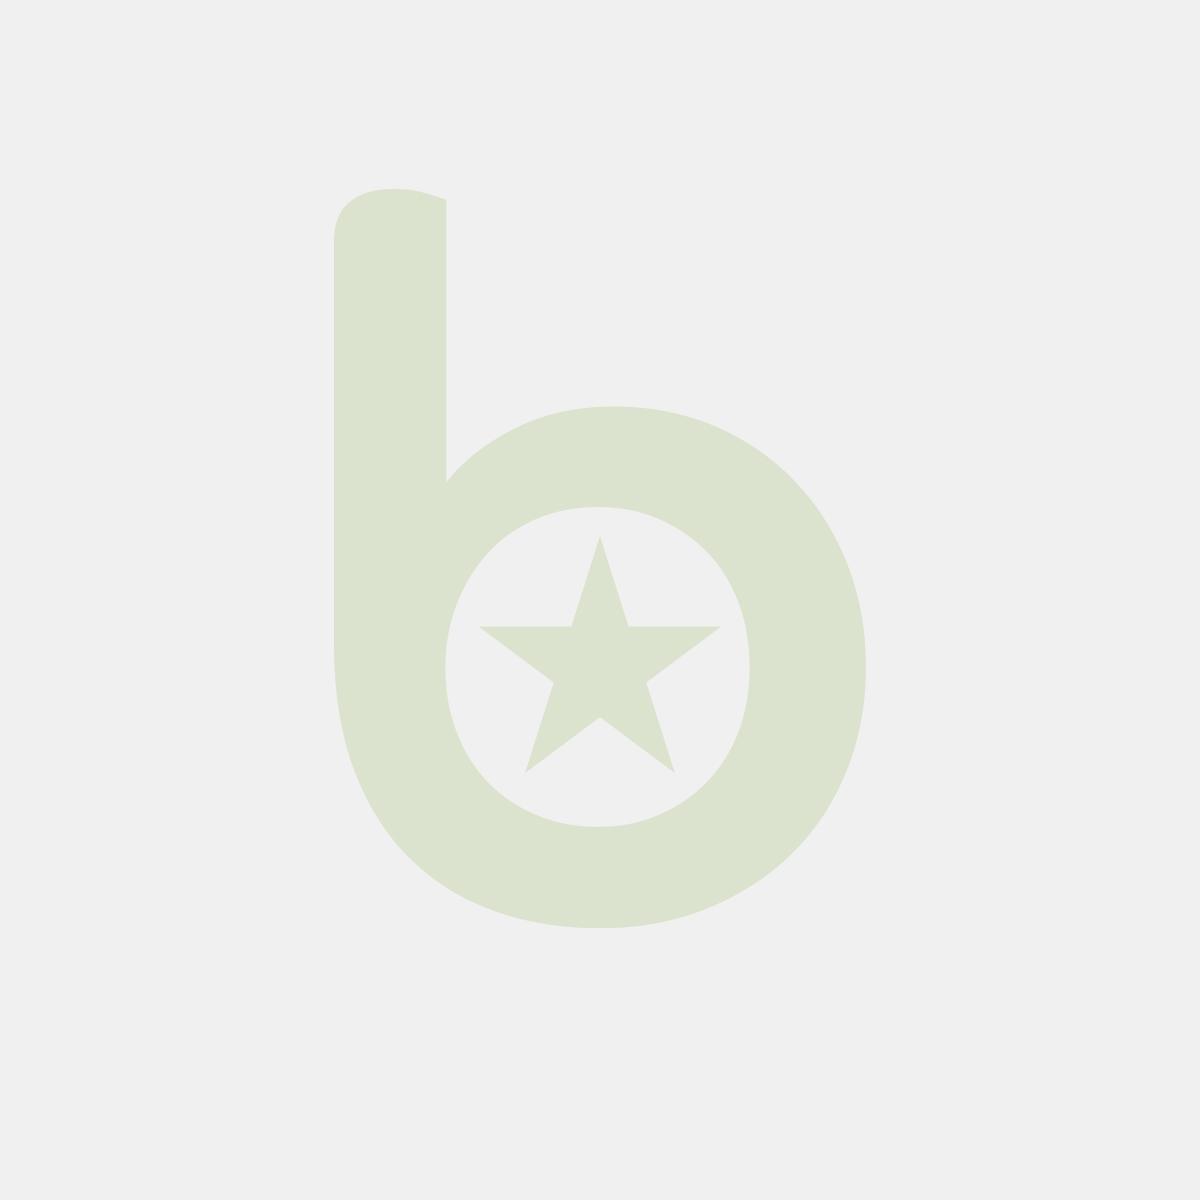 Płyta grillowa 2/3 gładka, 1/3 ryflowana - 203163